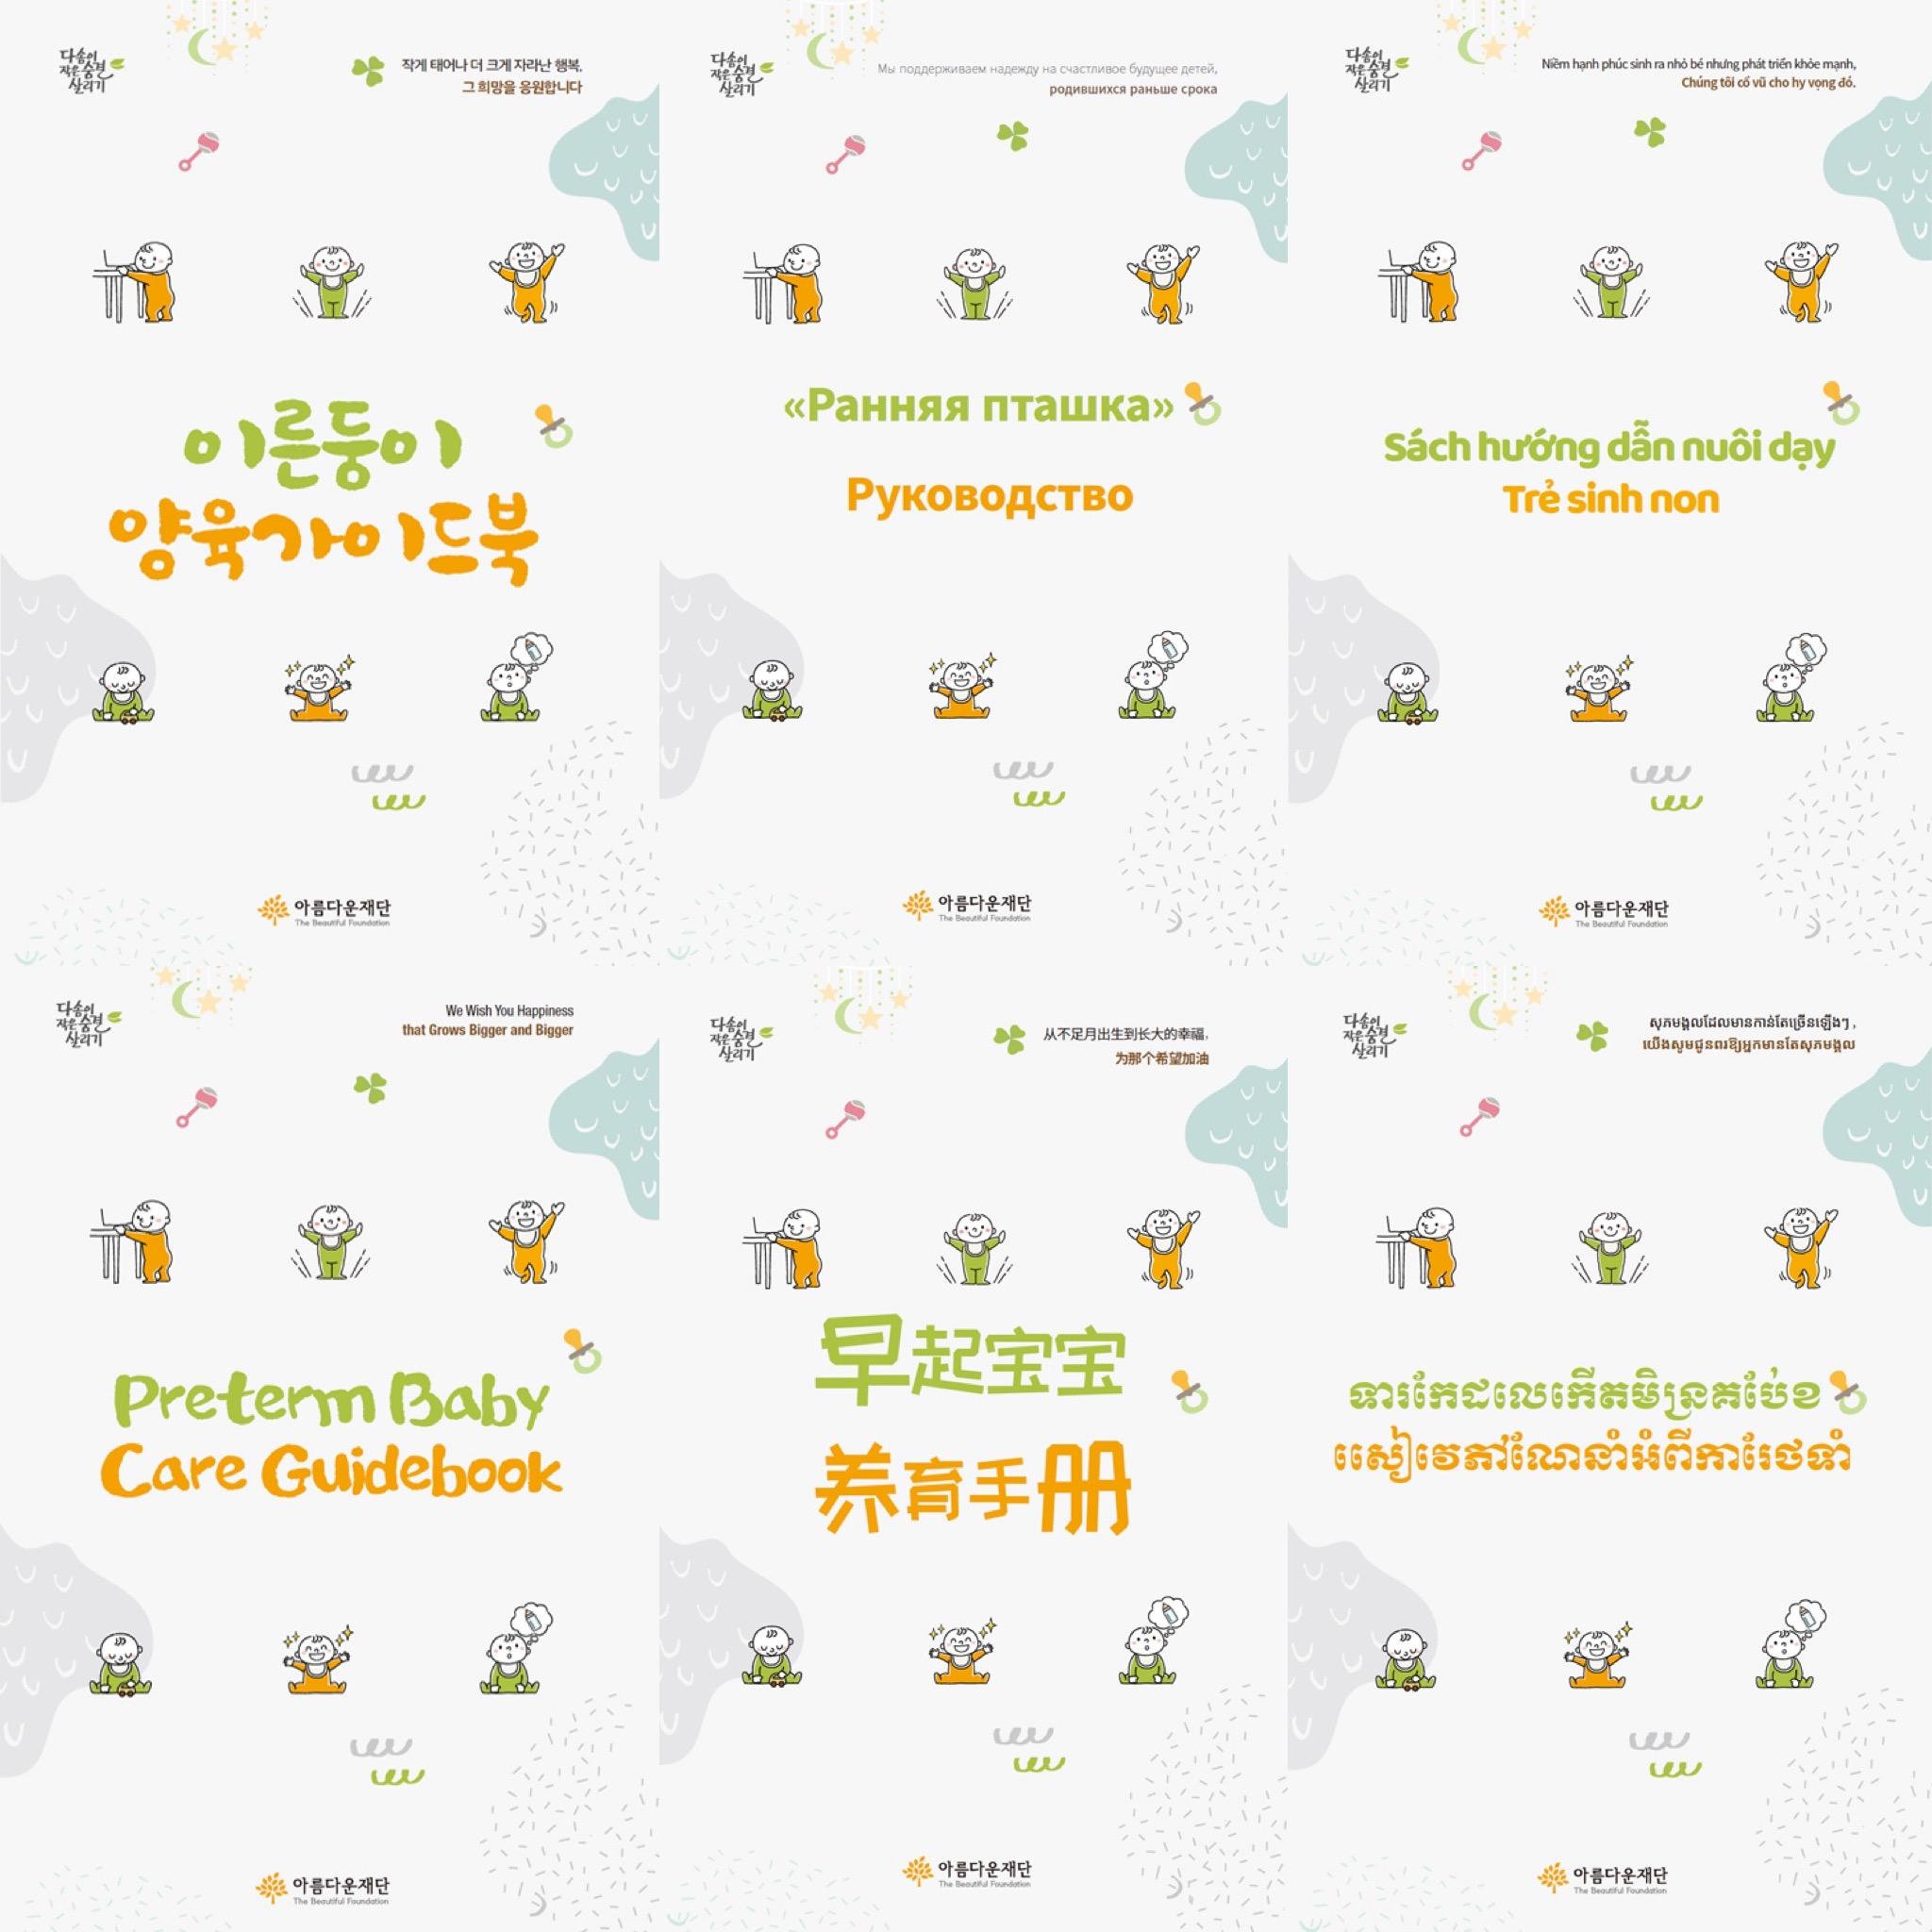 다국어 이른둥이 양육 가이드북 이미지(맨 위 좌측부터 한글, 러시아어, 베트남어, 영어, 중국어, 캄보디아어 순서)